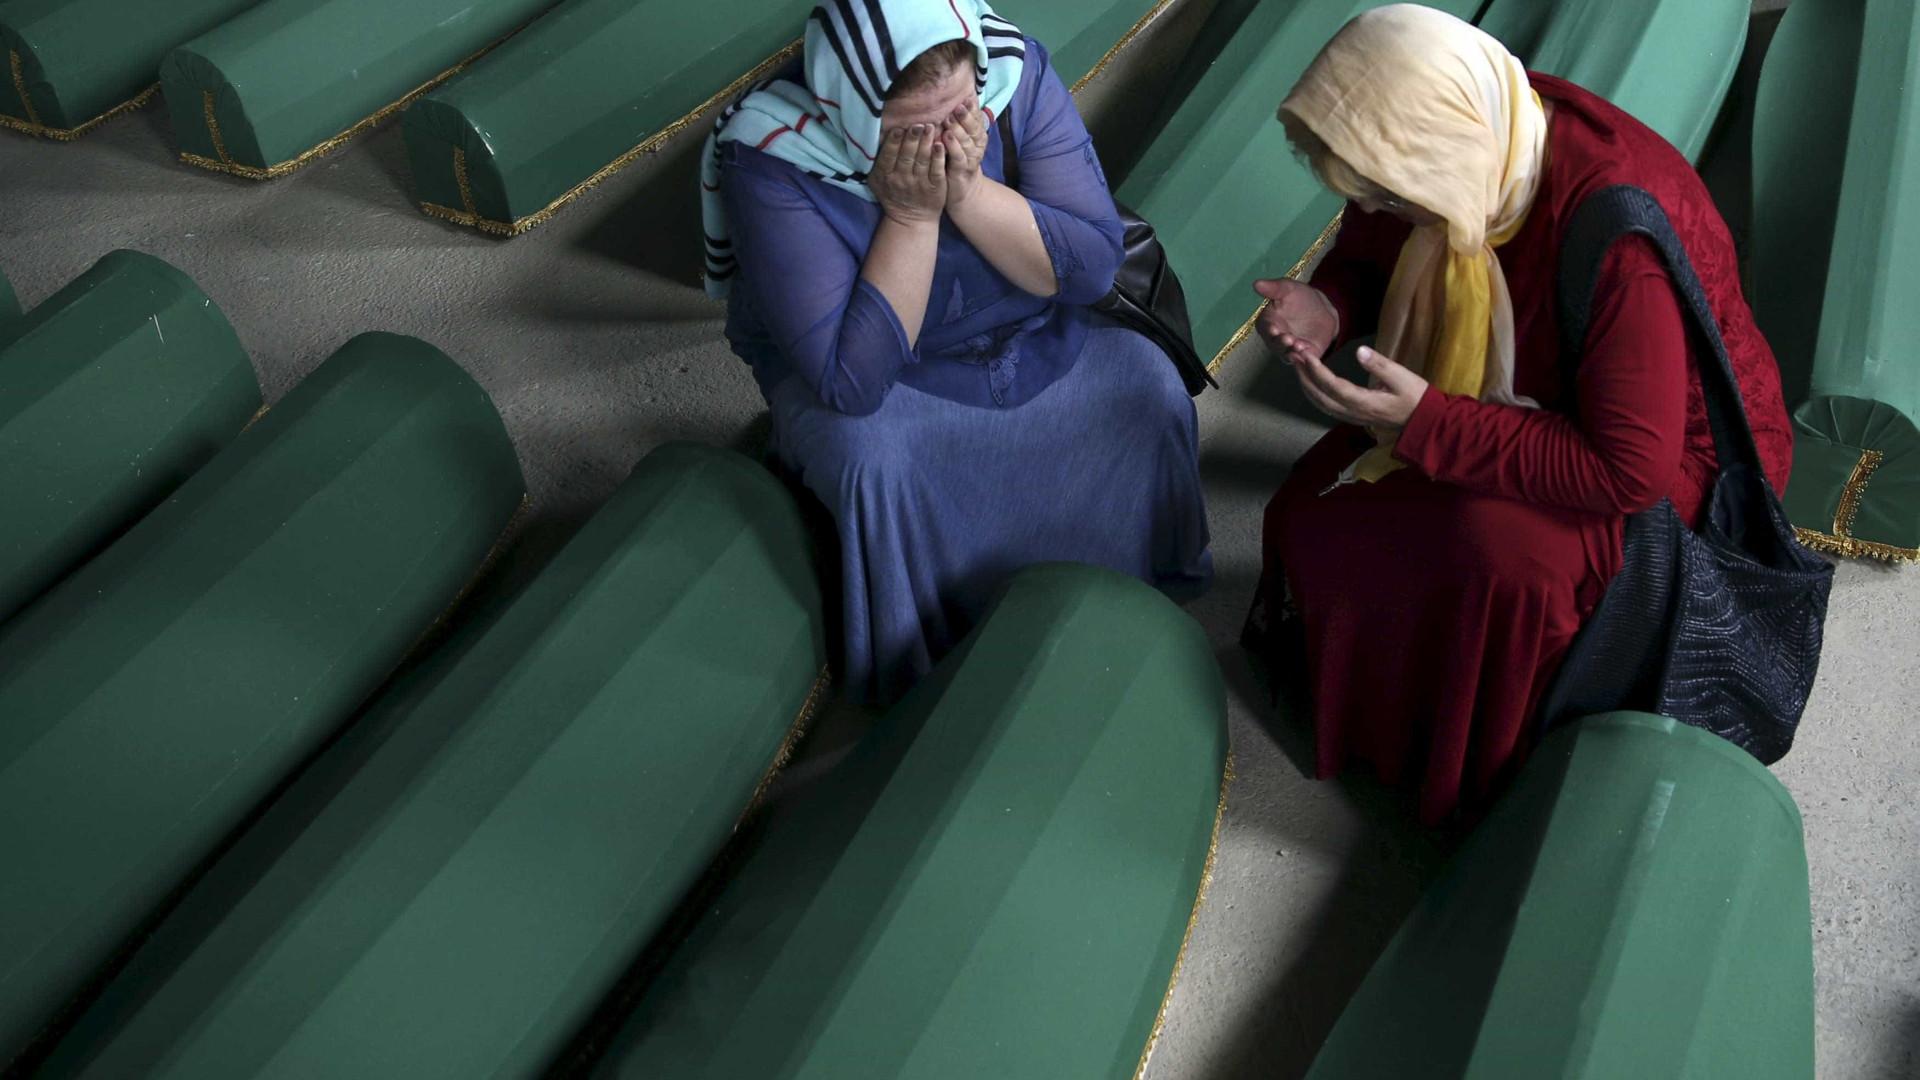 20 mil mulheres pedem justiça por abusos na guerra da Bósnia